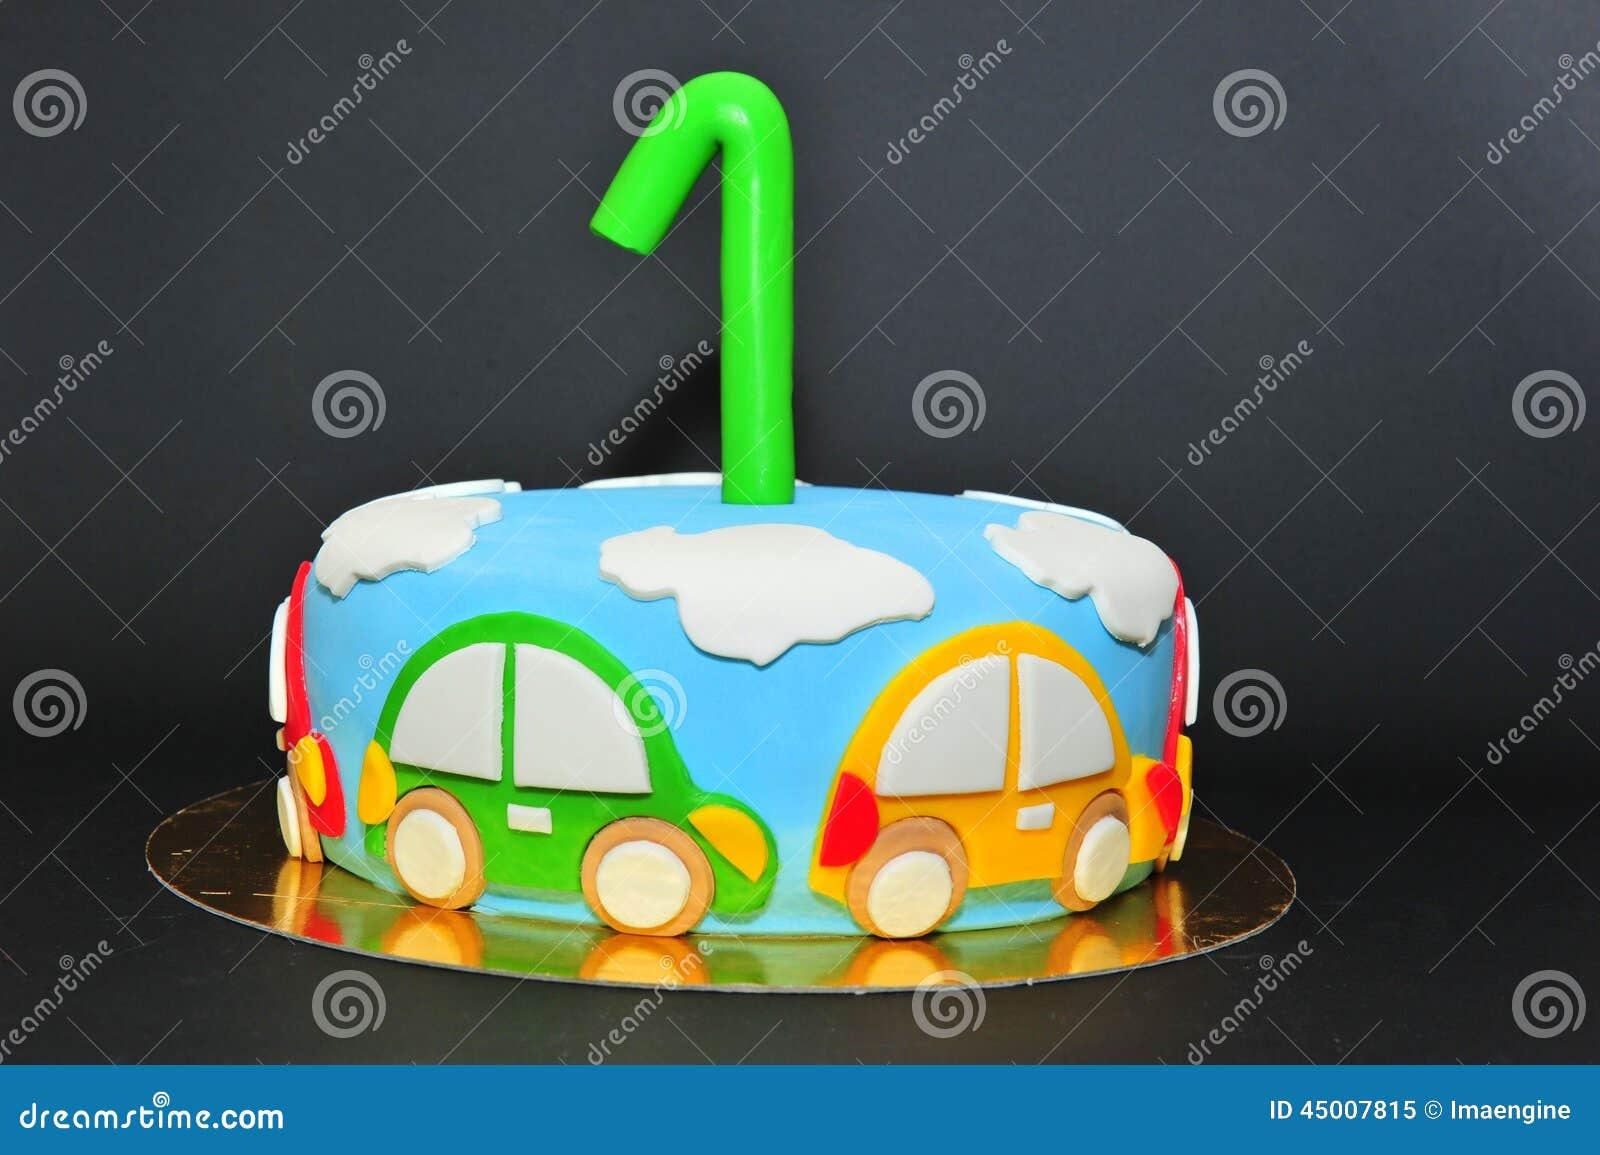 De grappige cake van het de jonge geitjesfondantje van het auto sthema